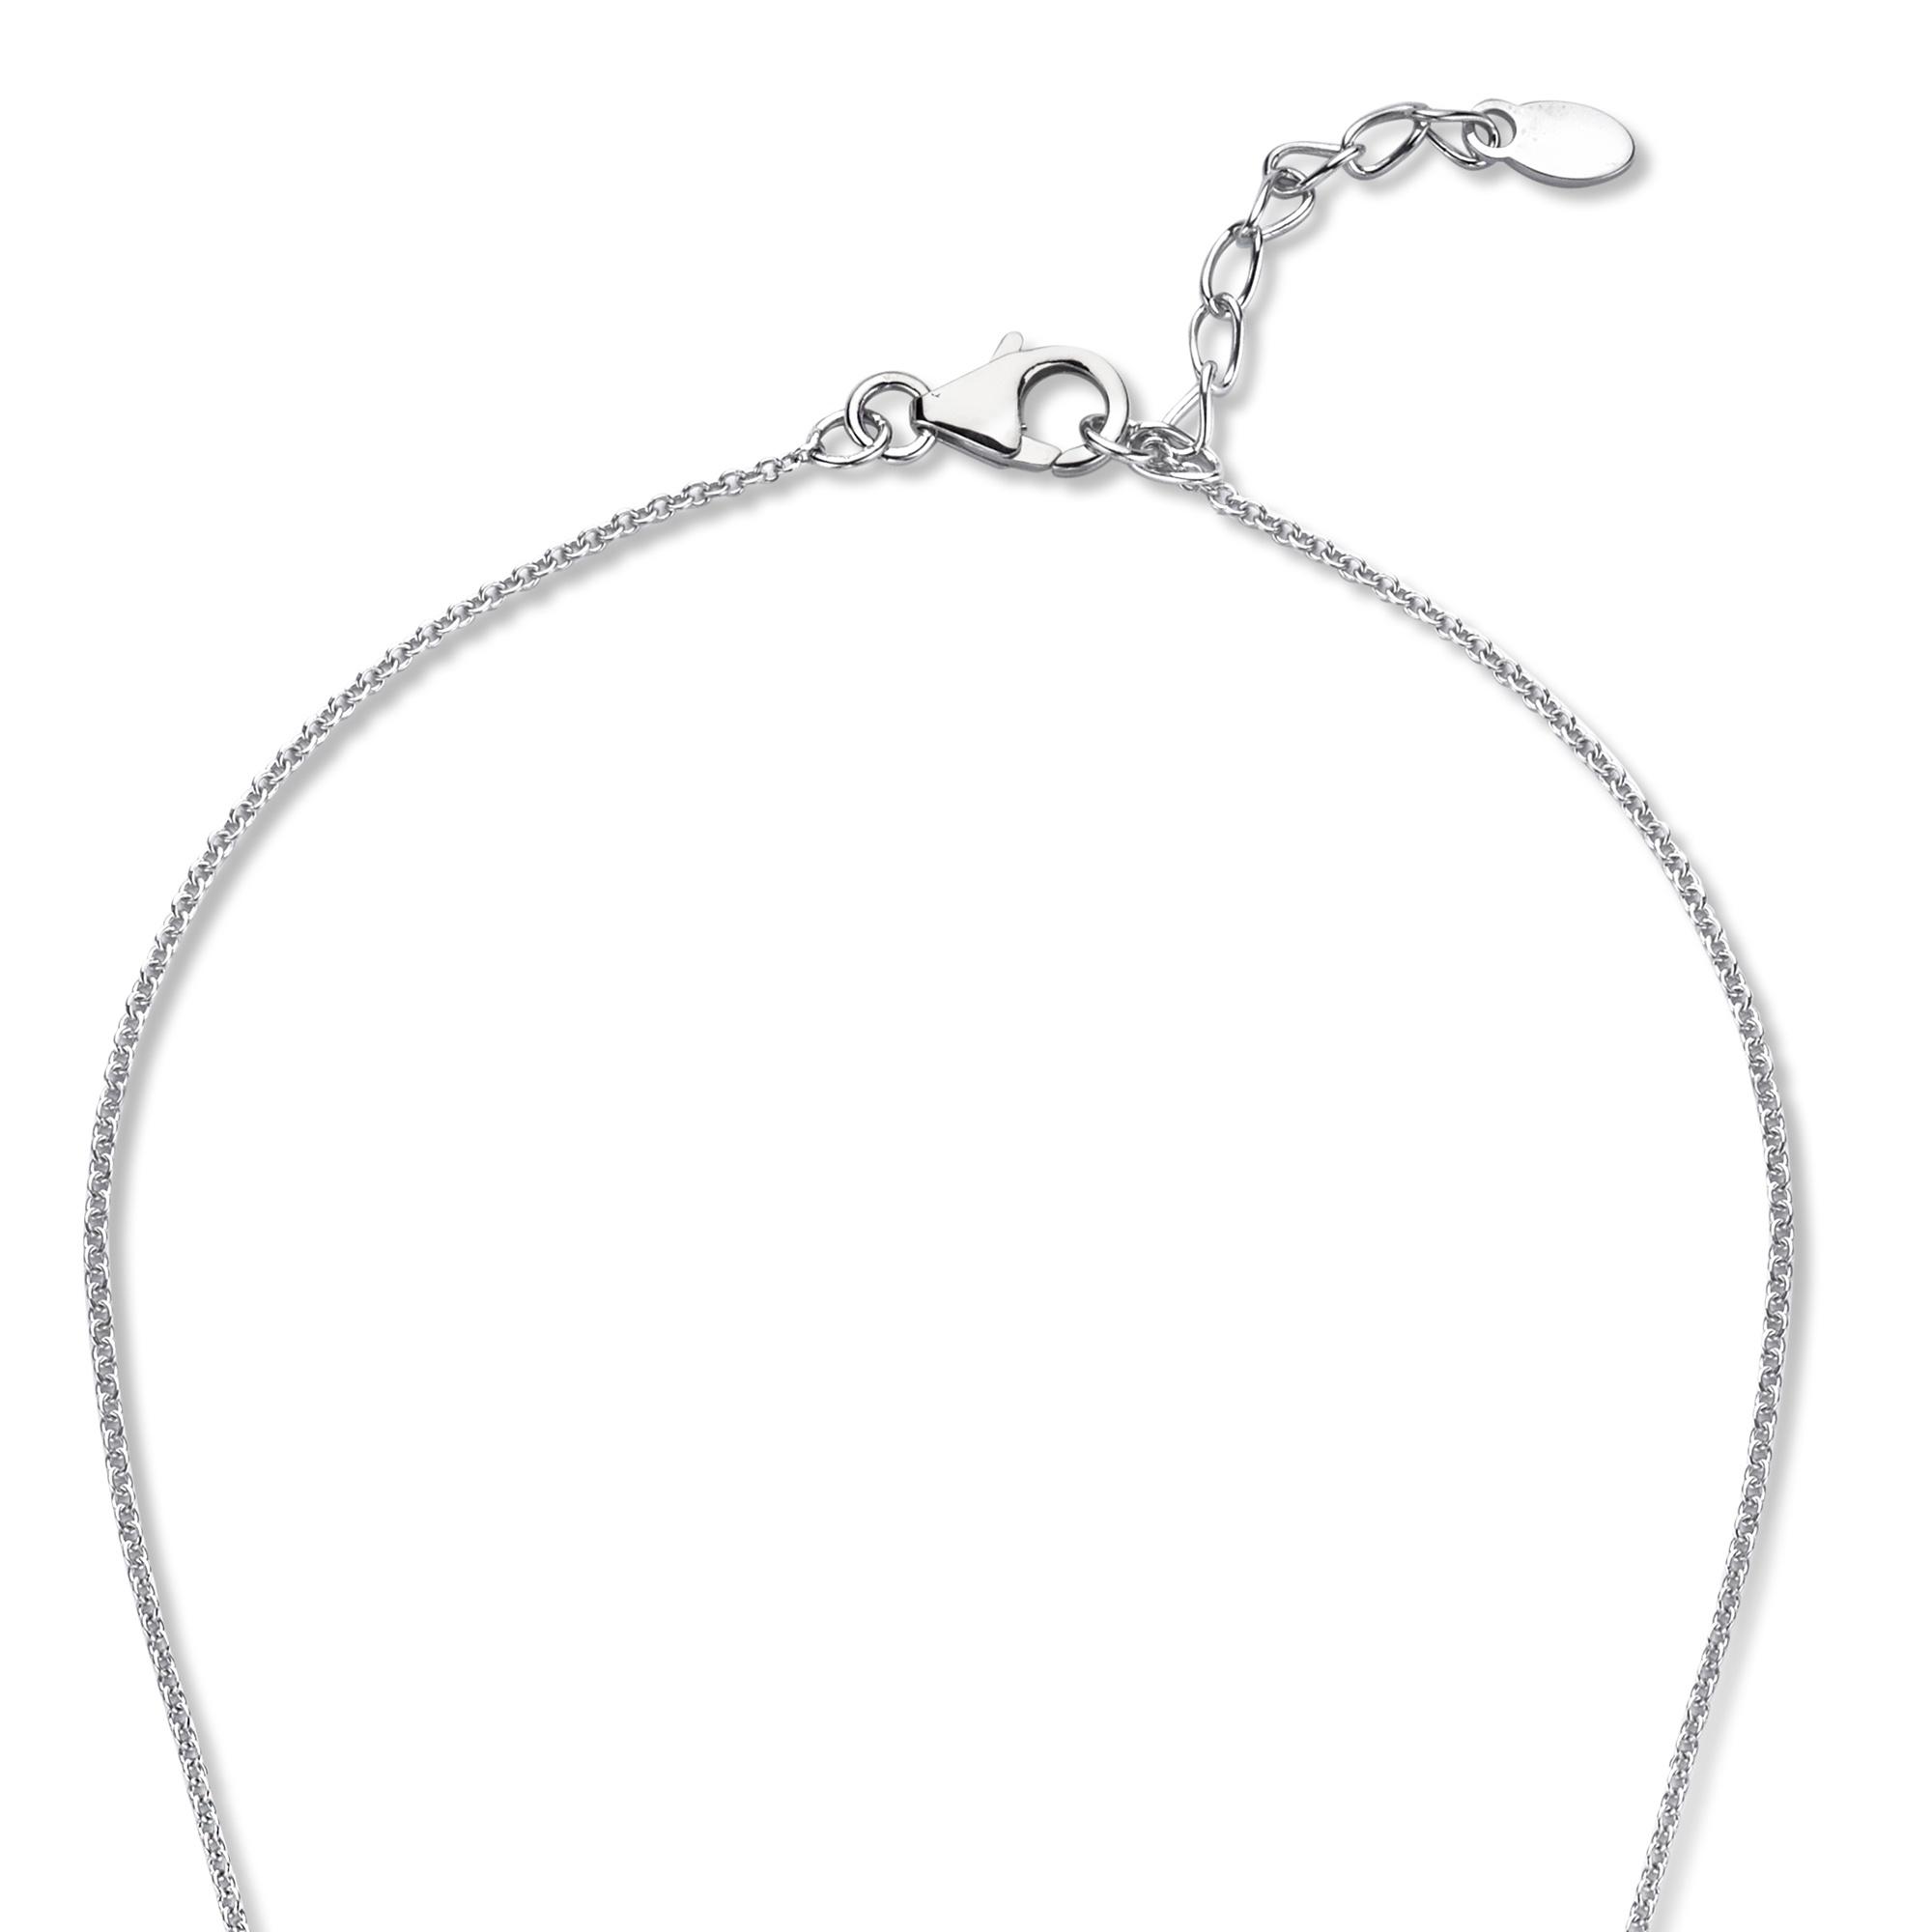 Parte di Me La Sirena Serchio 925 sterling silver necklace with black onyx